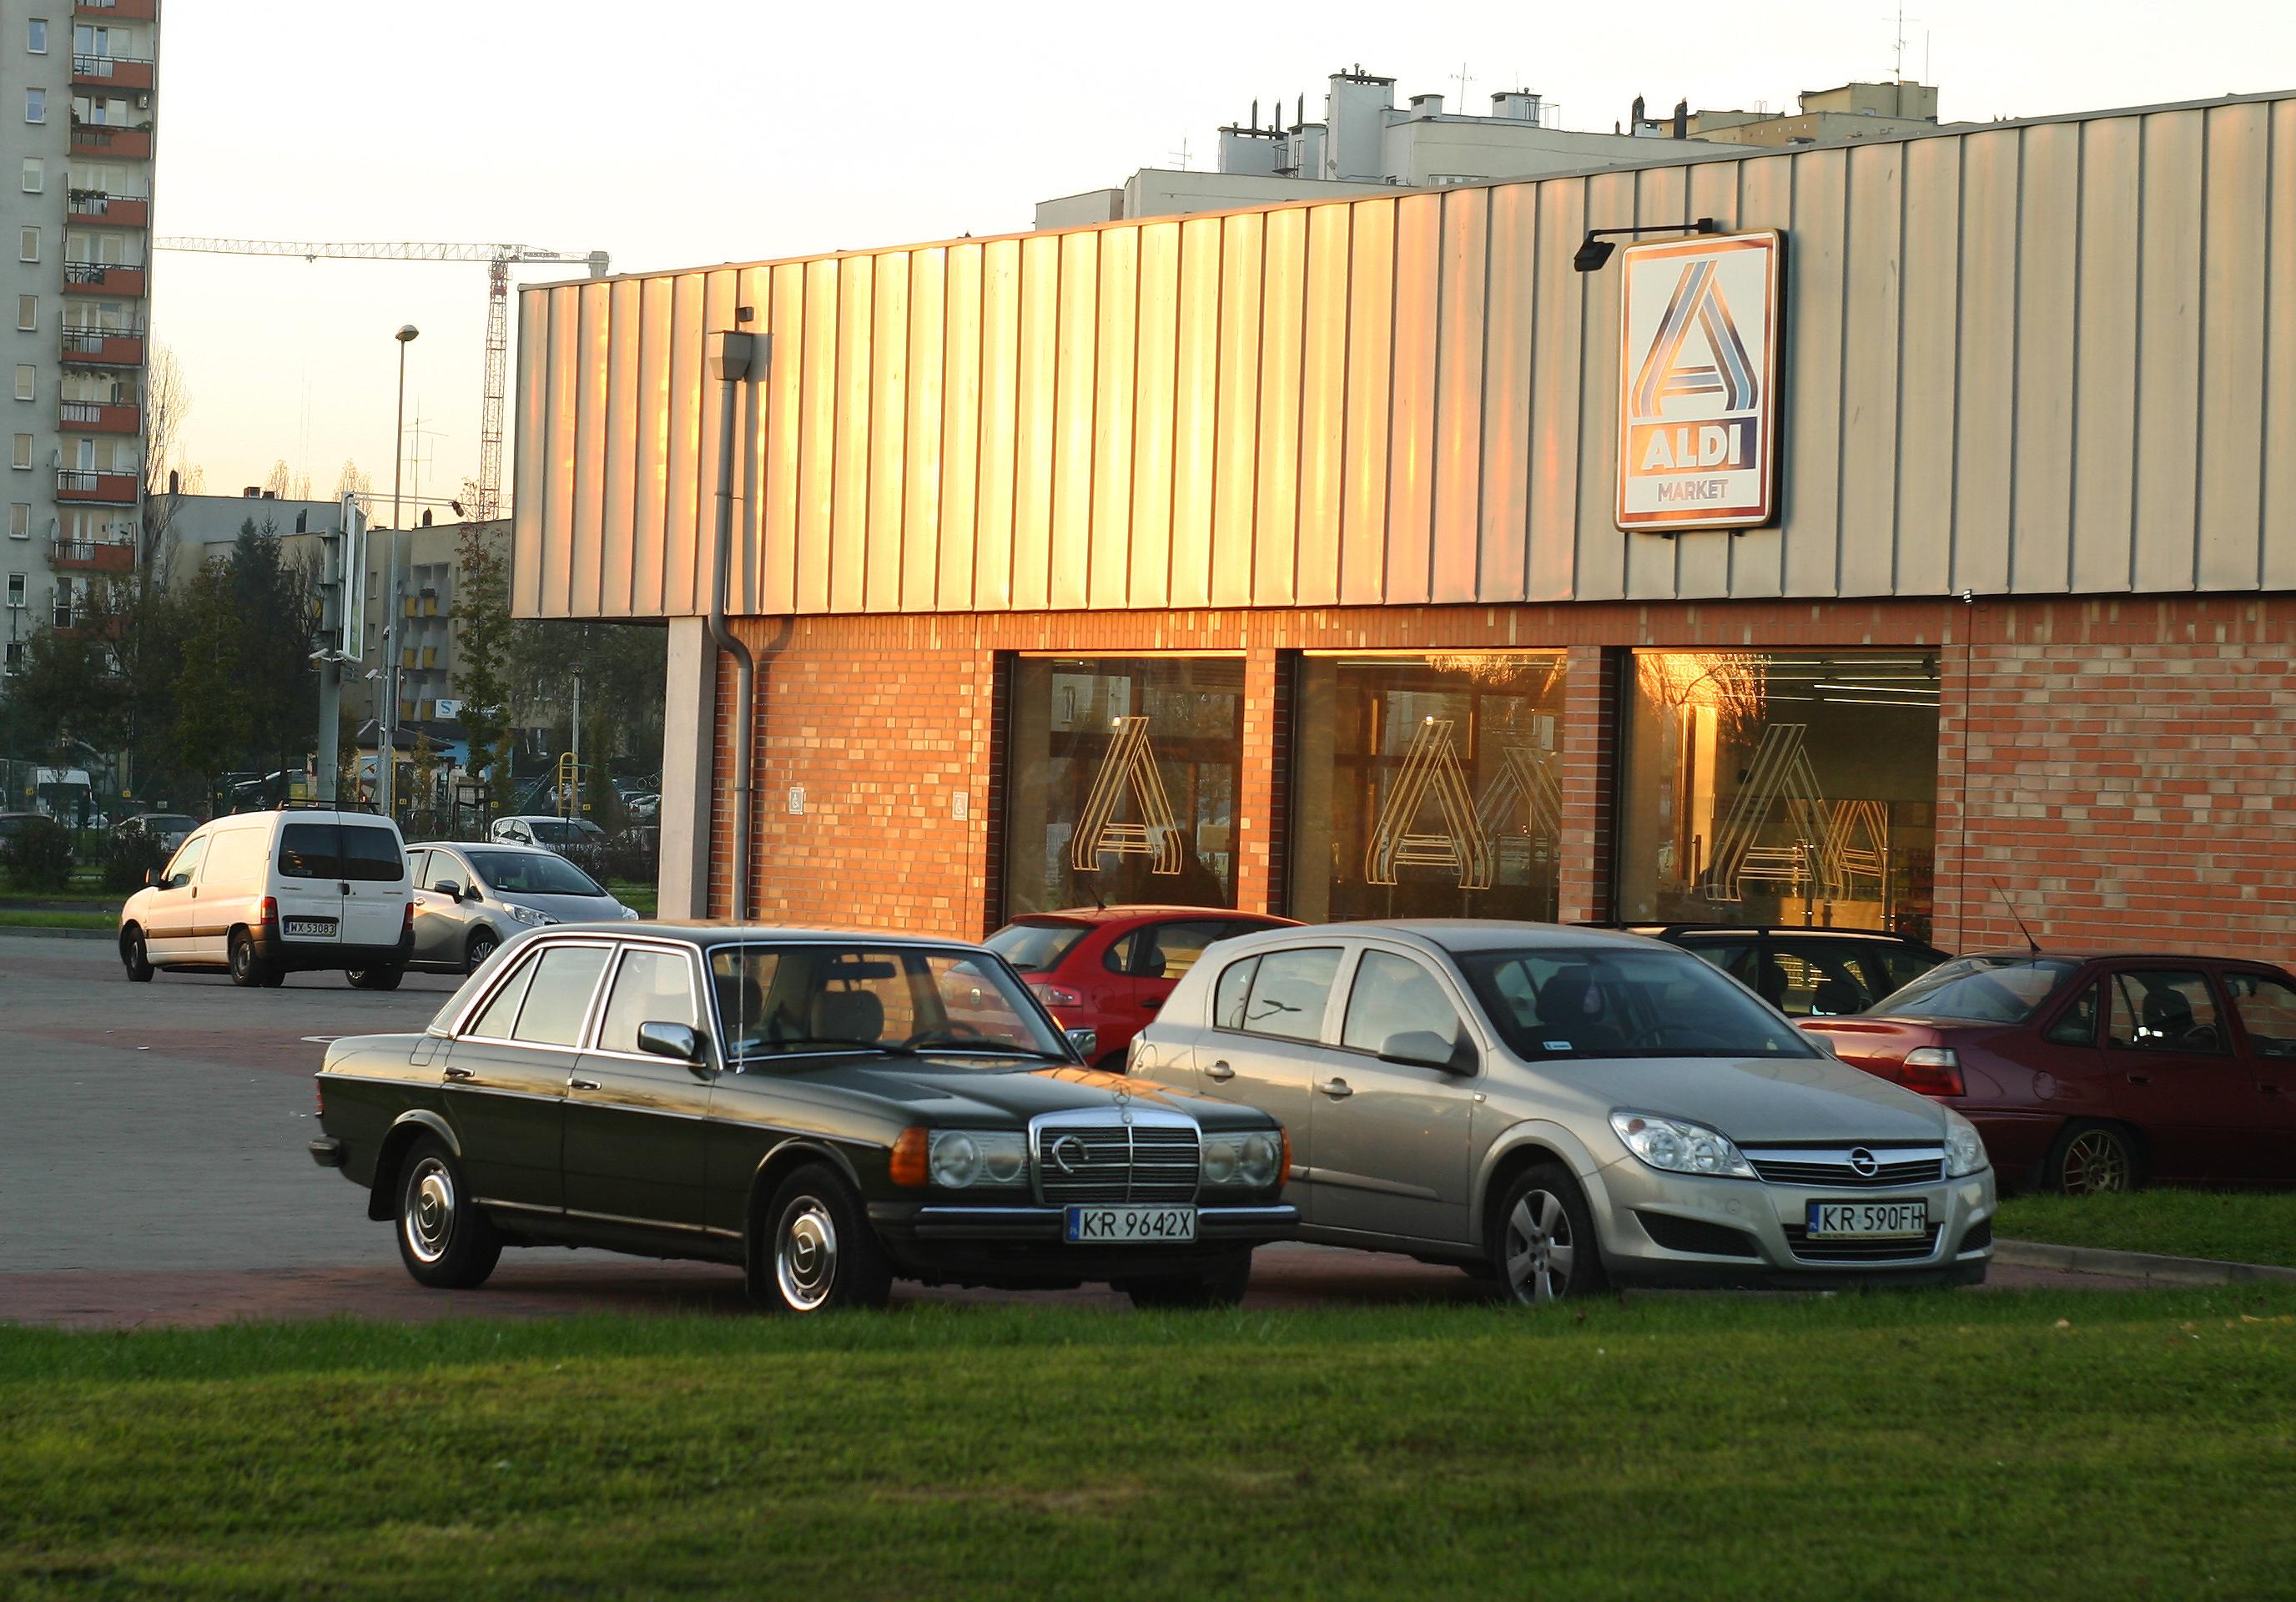 Car Parking, Park, Store, Parking, Construction, HQ Photo